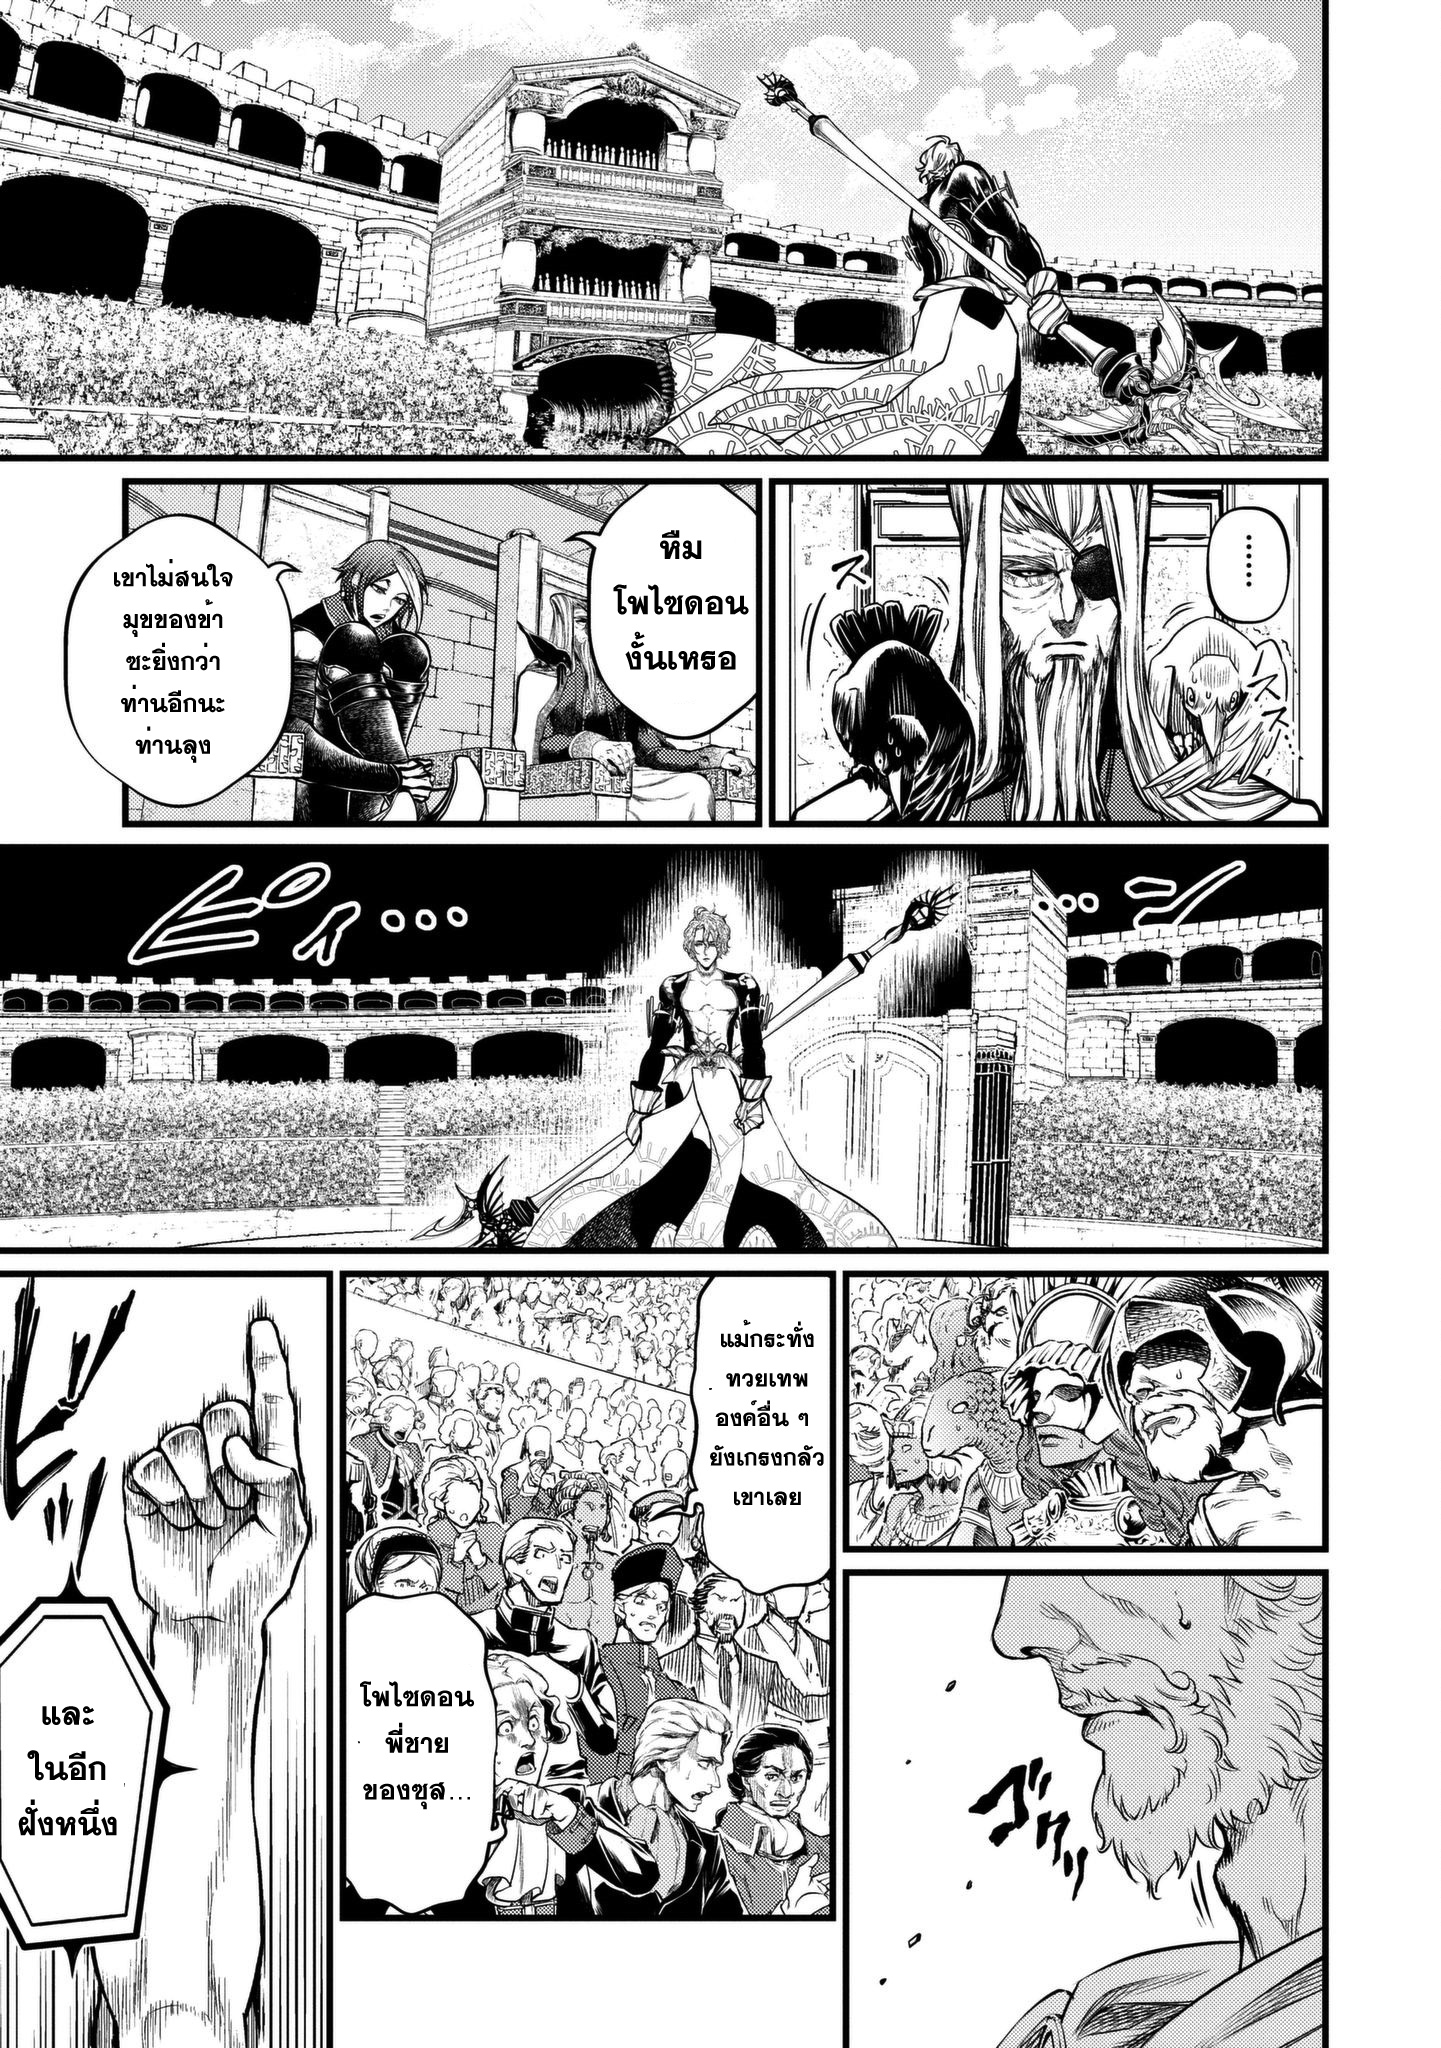 อ่านการ์ตูน Shuumatsu no Walkure ตอนที่ 14 หน้าที่ 11